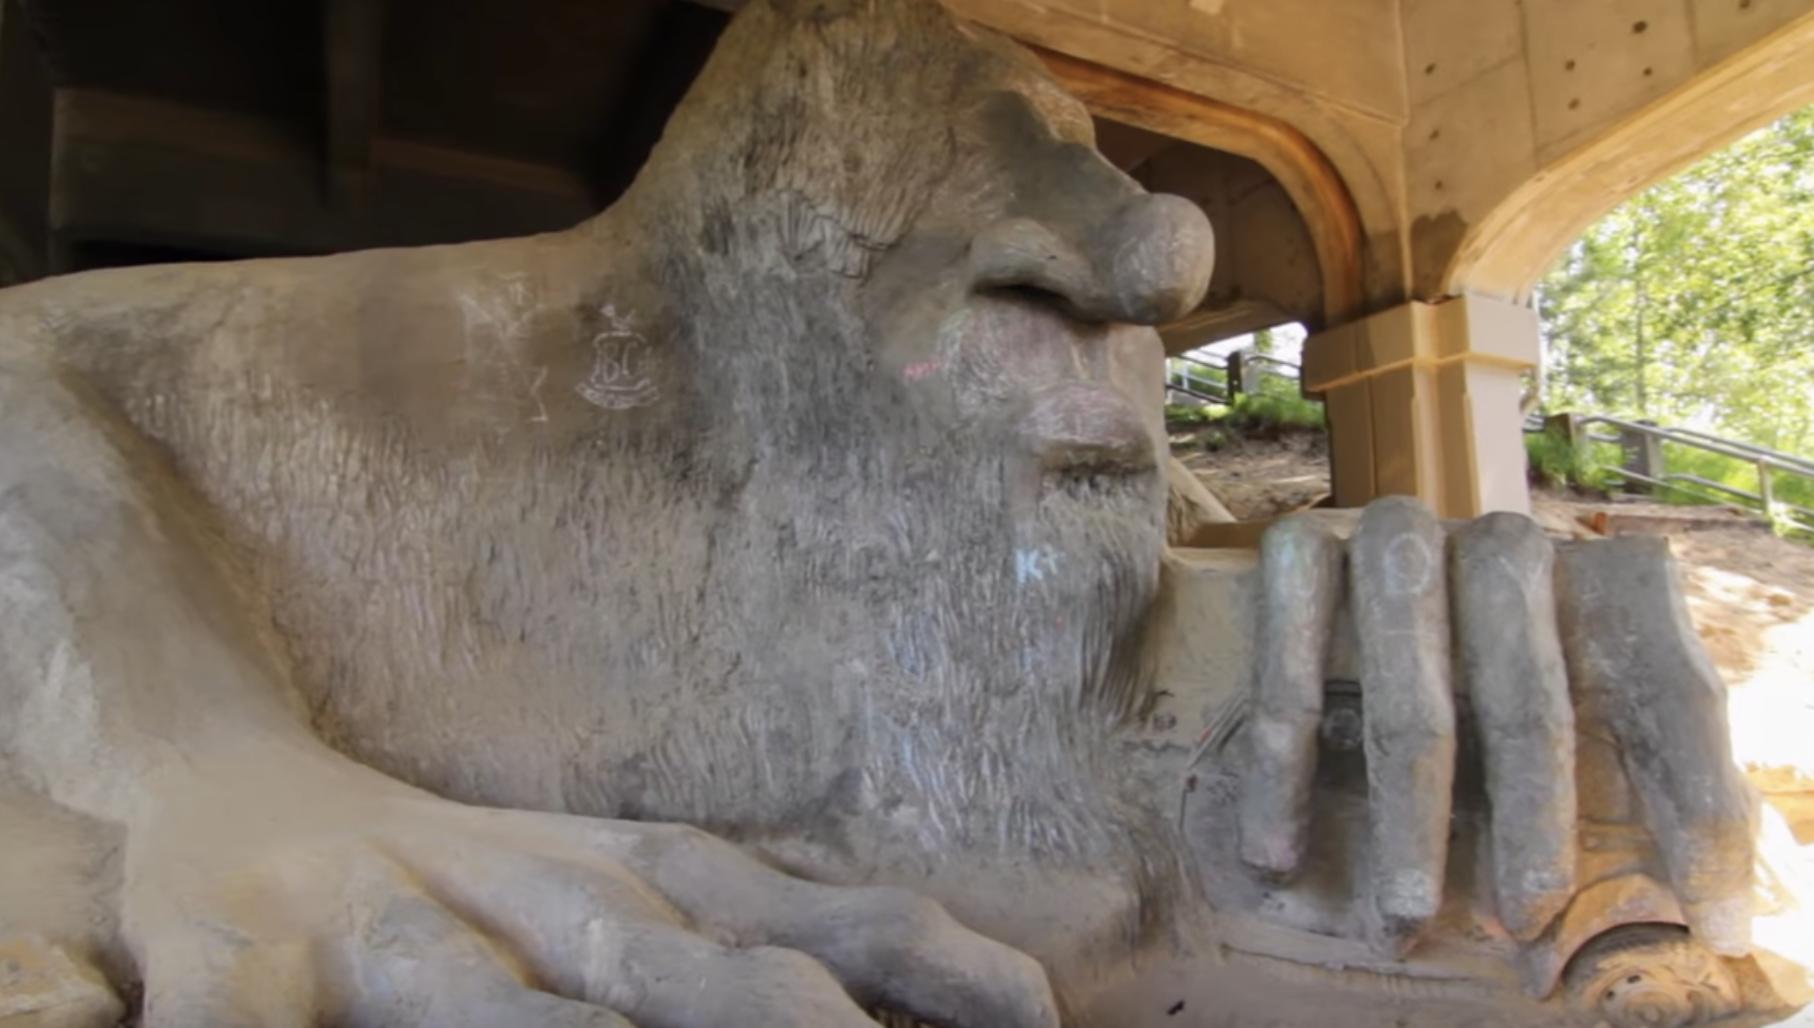 troll under the bridge in seattle